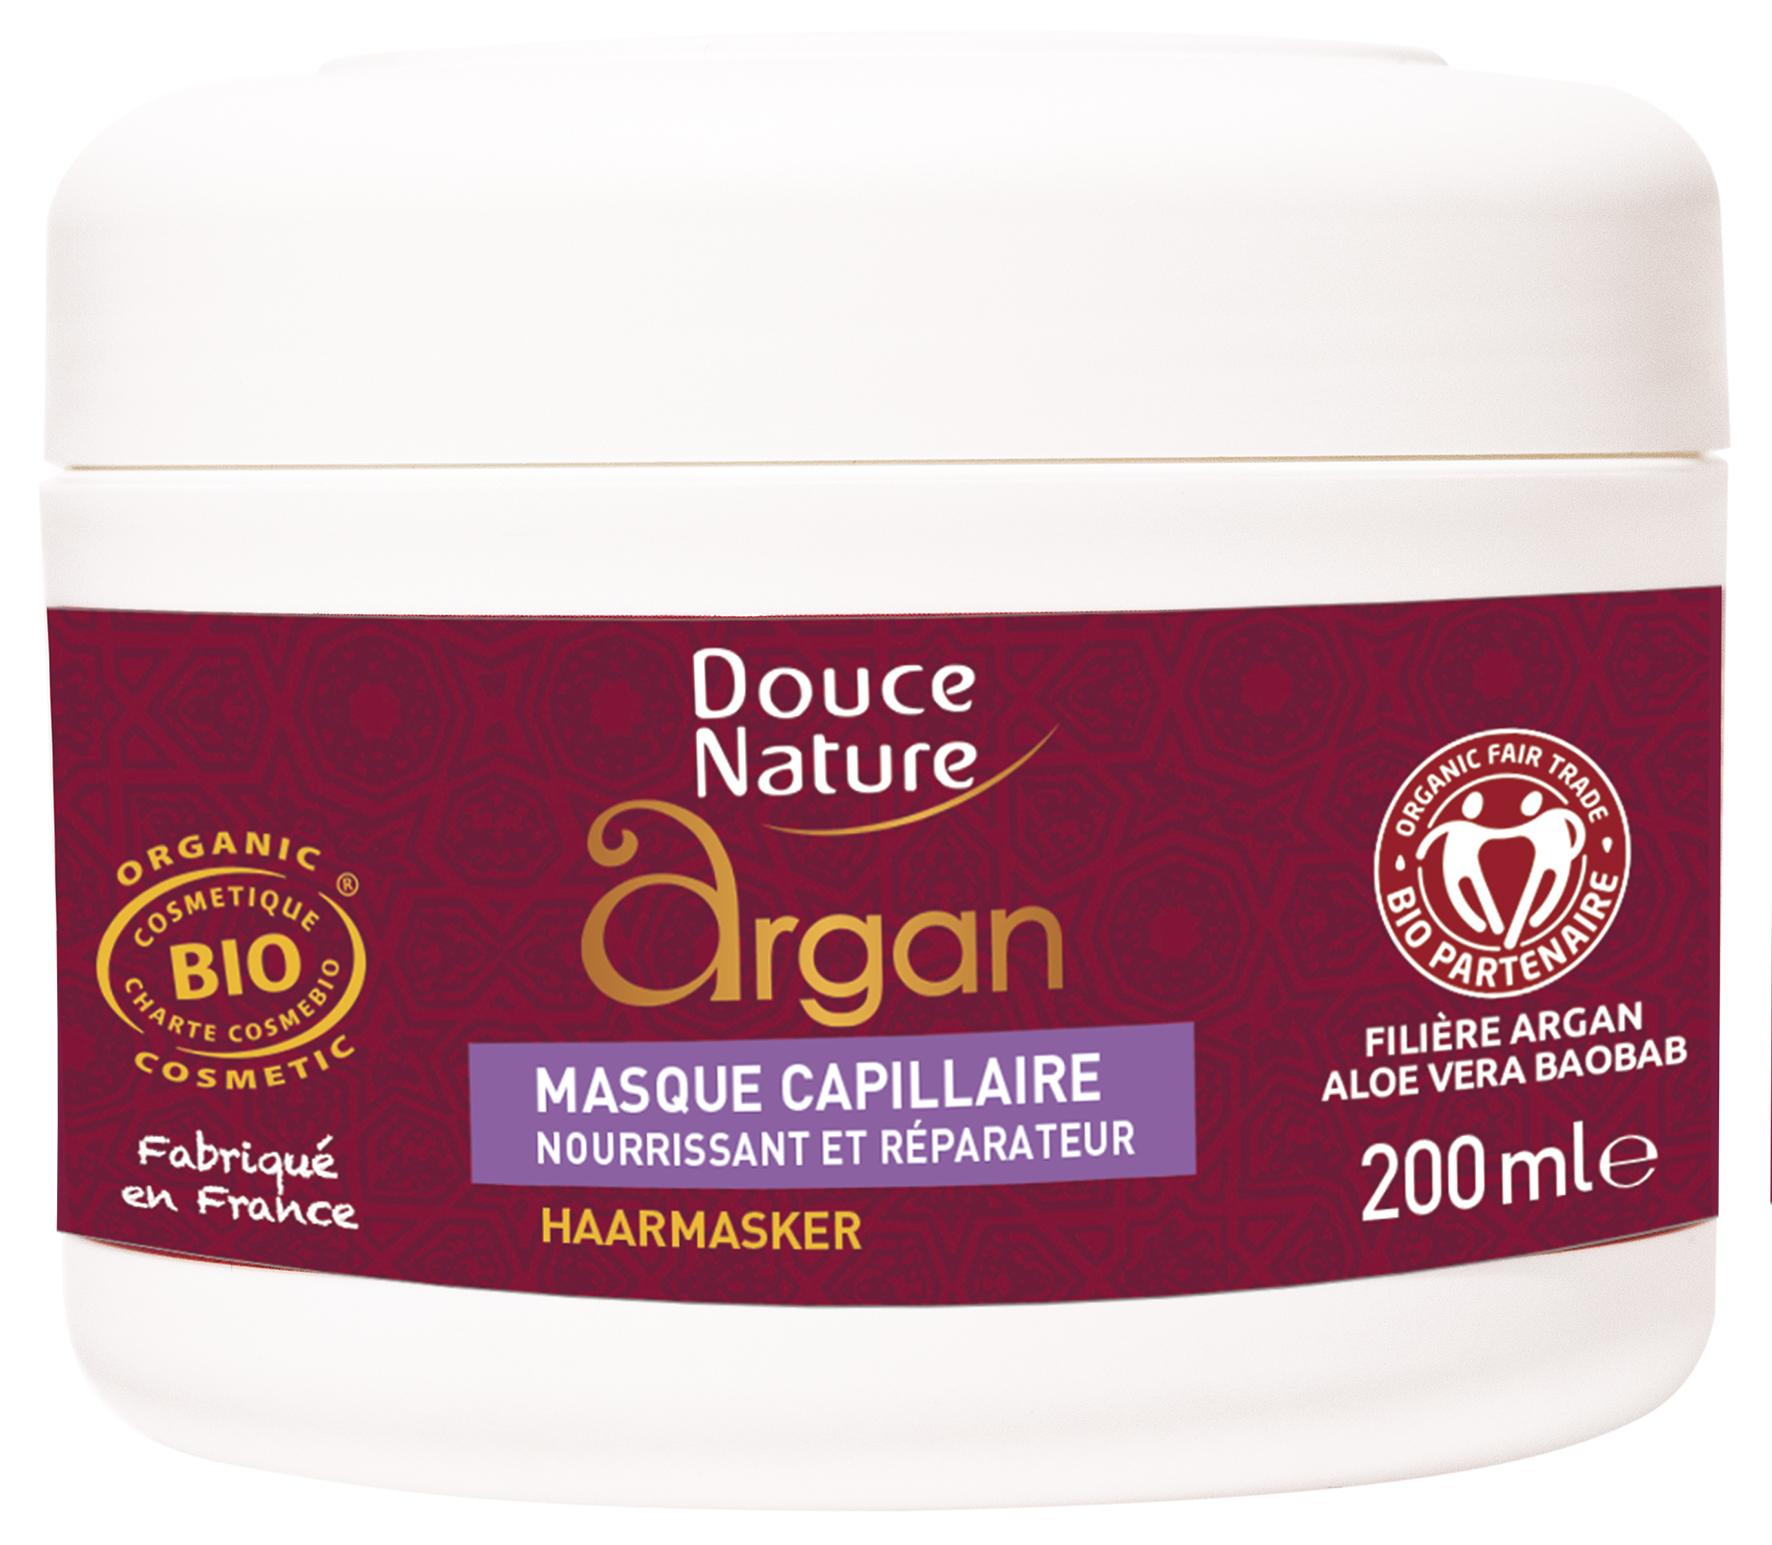 Masque capillaire nourrissant aux huiles d'argan et de baobab BIO, Douce Nature (200 ml)